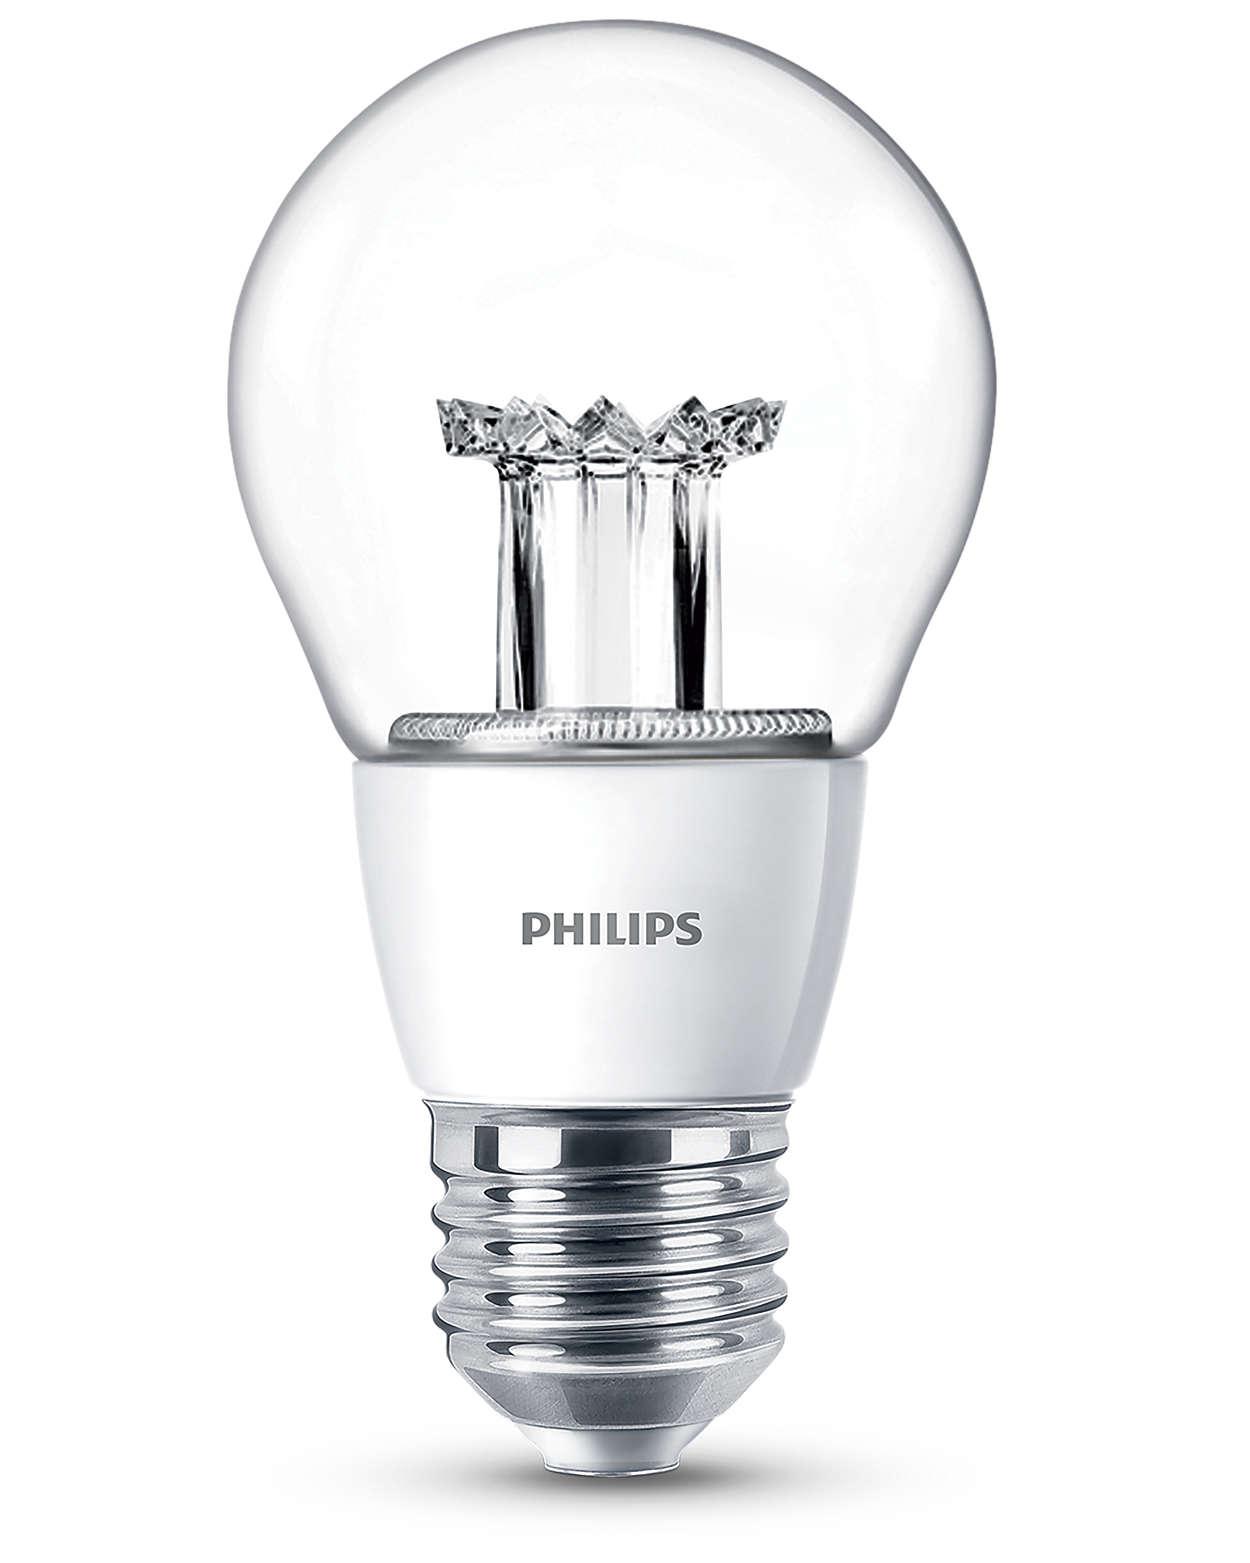 Led lampen vs halogeenlampen vs gloeilampen vs spaarlampen halogeenlampen parisarafo Images